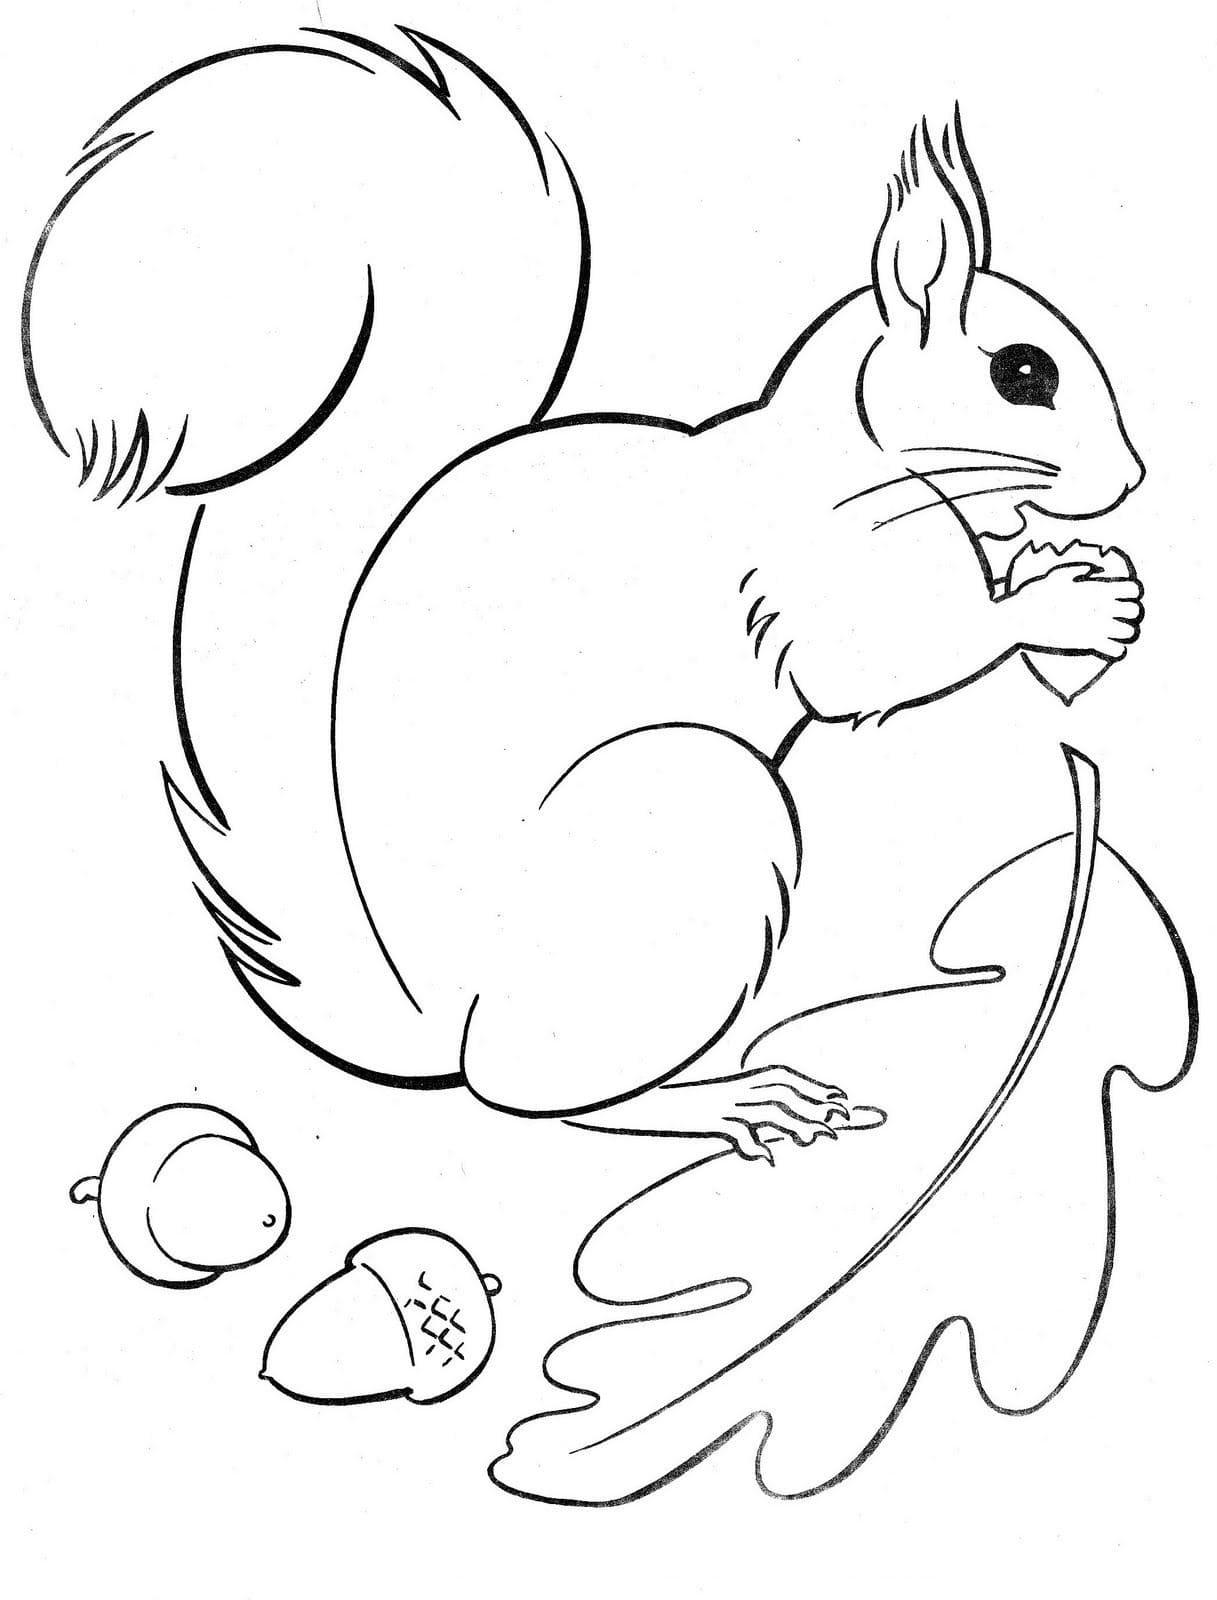 Ausmalbilder Eichhörnchen. 5 Bilder zum kostenlosen Drucken